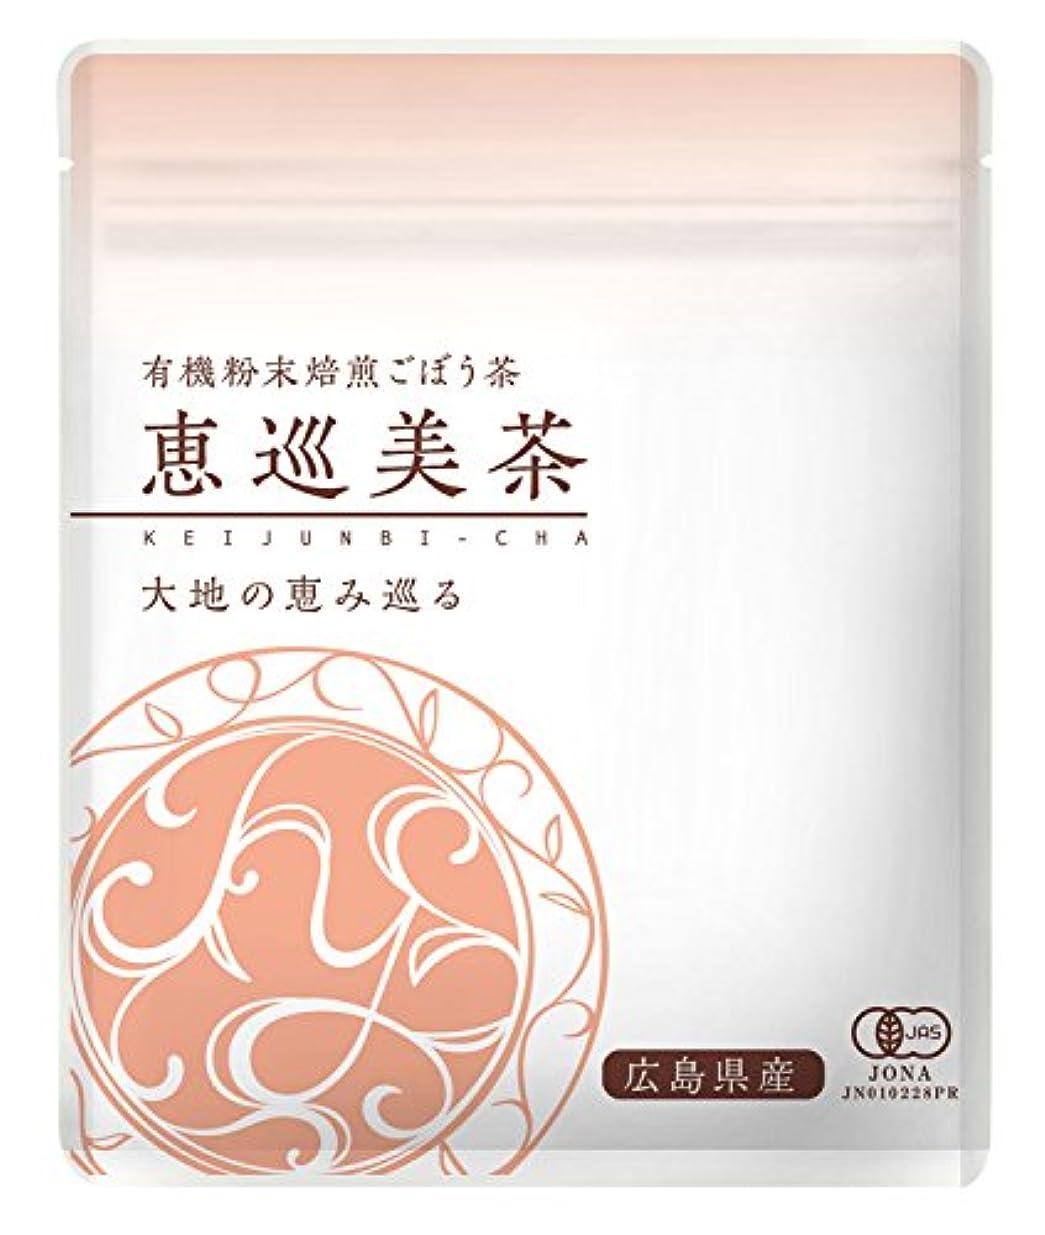 法医学製油所花こだま食品 恵巡美茶有機粉末焙煎ごぼう茶 2g×15包 302037009